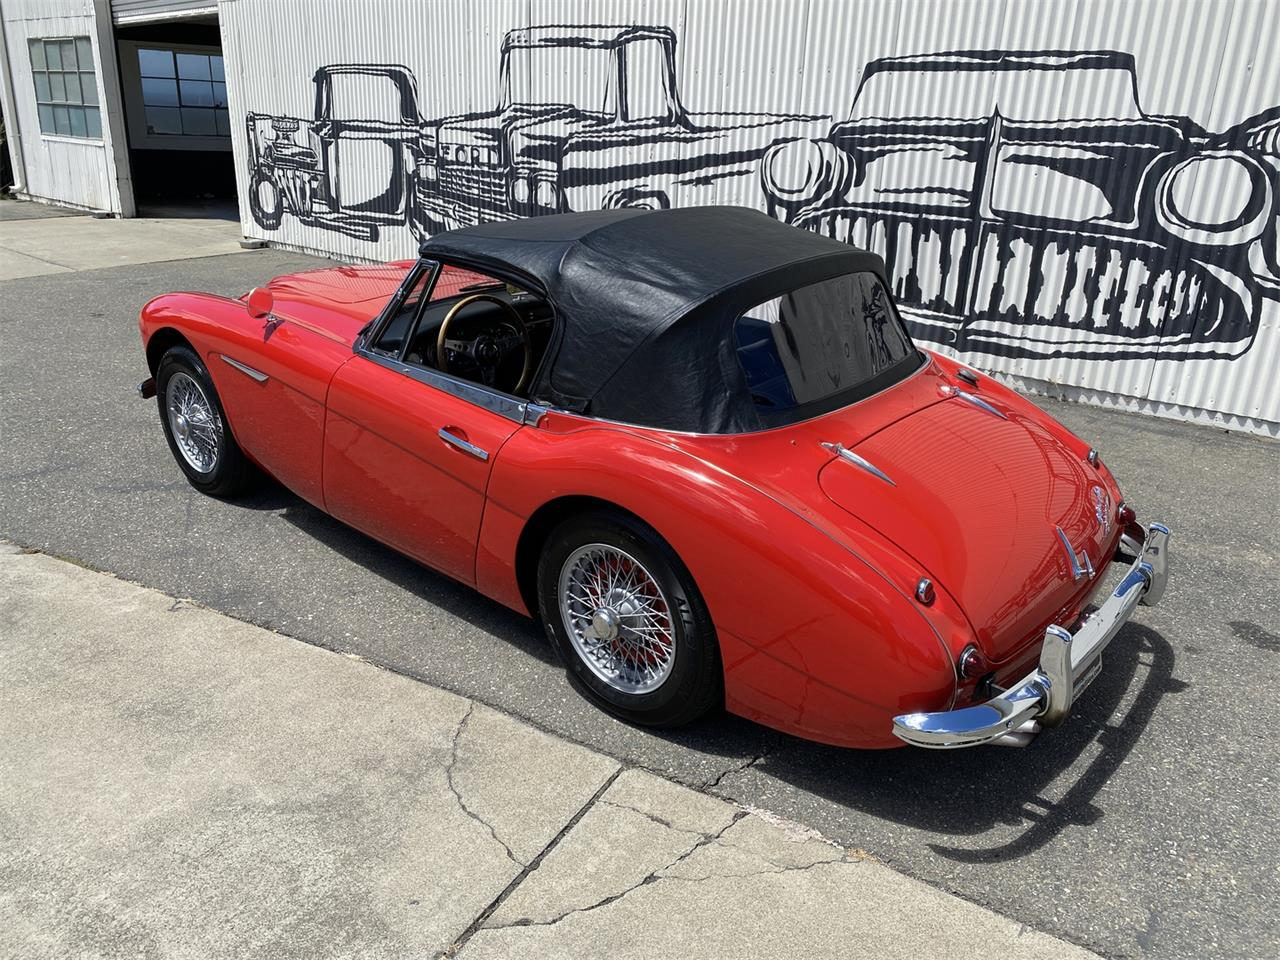 1963 Austin-Healey 3000 (CC-1364989) for sale in Fairfield, California